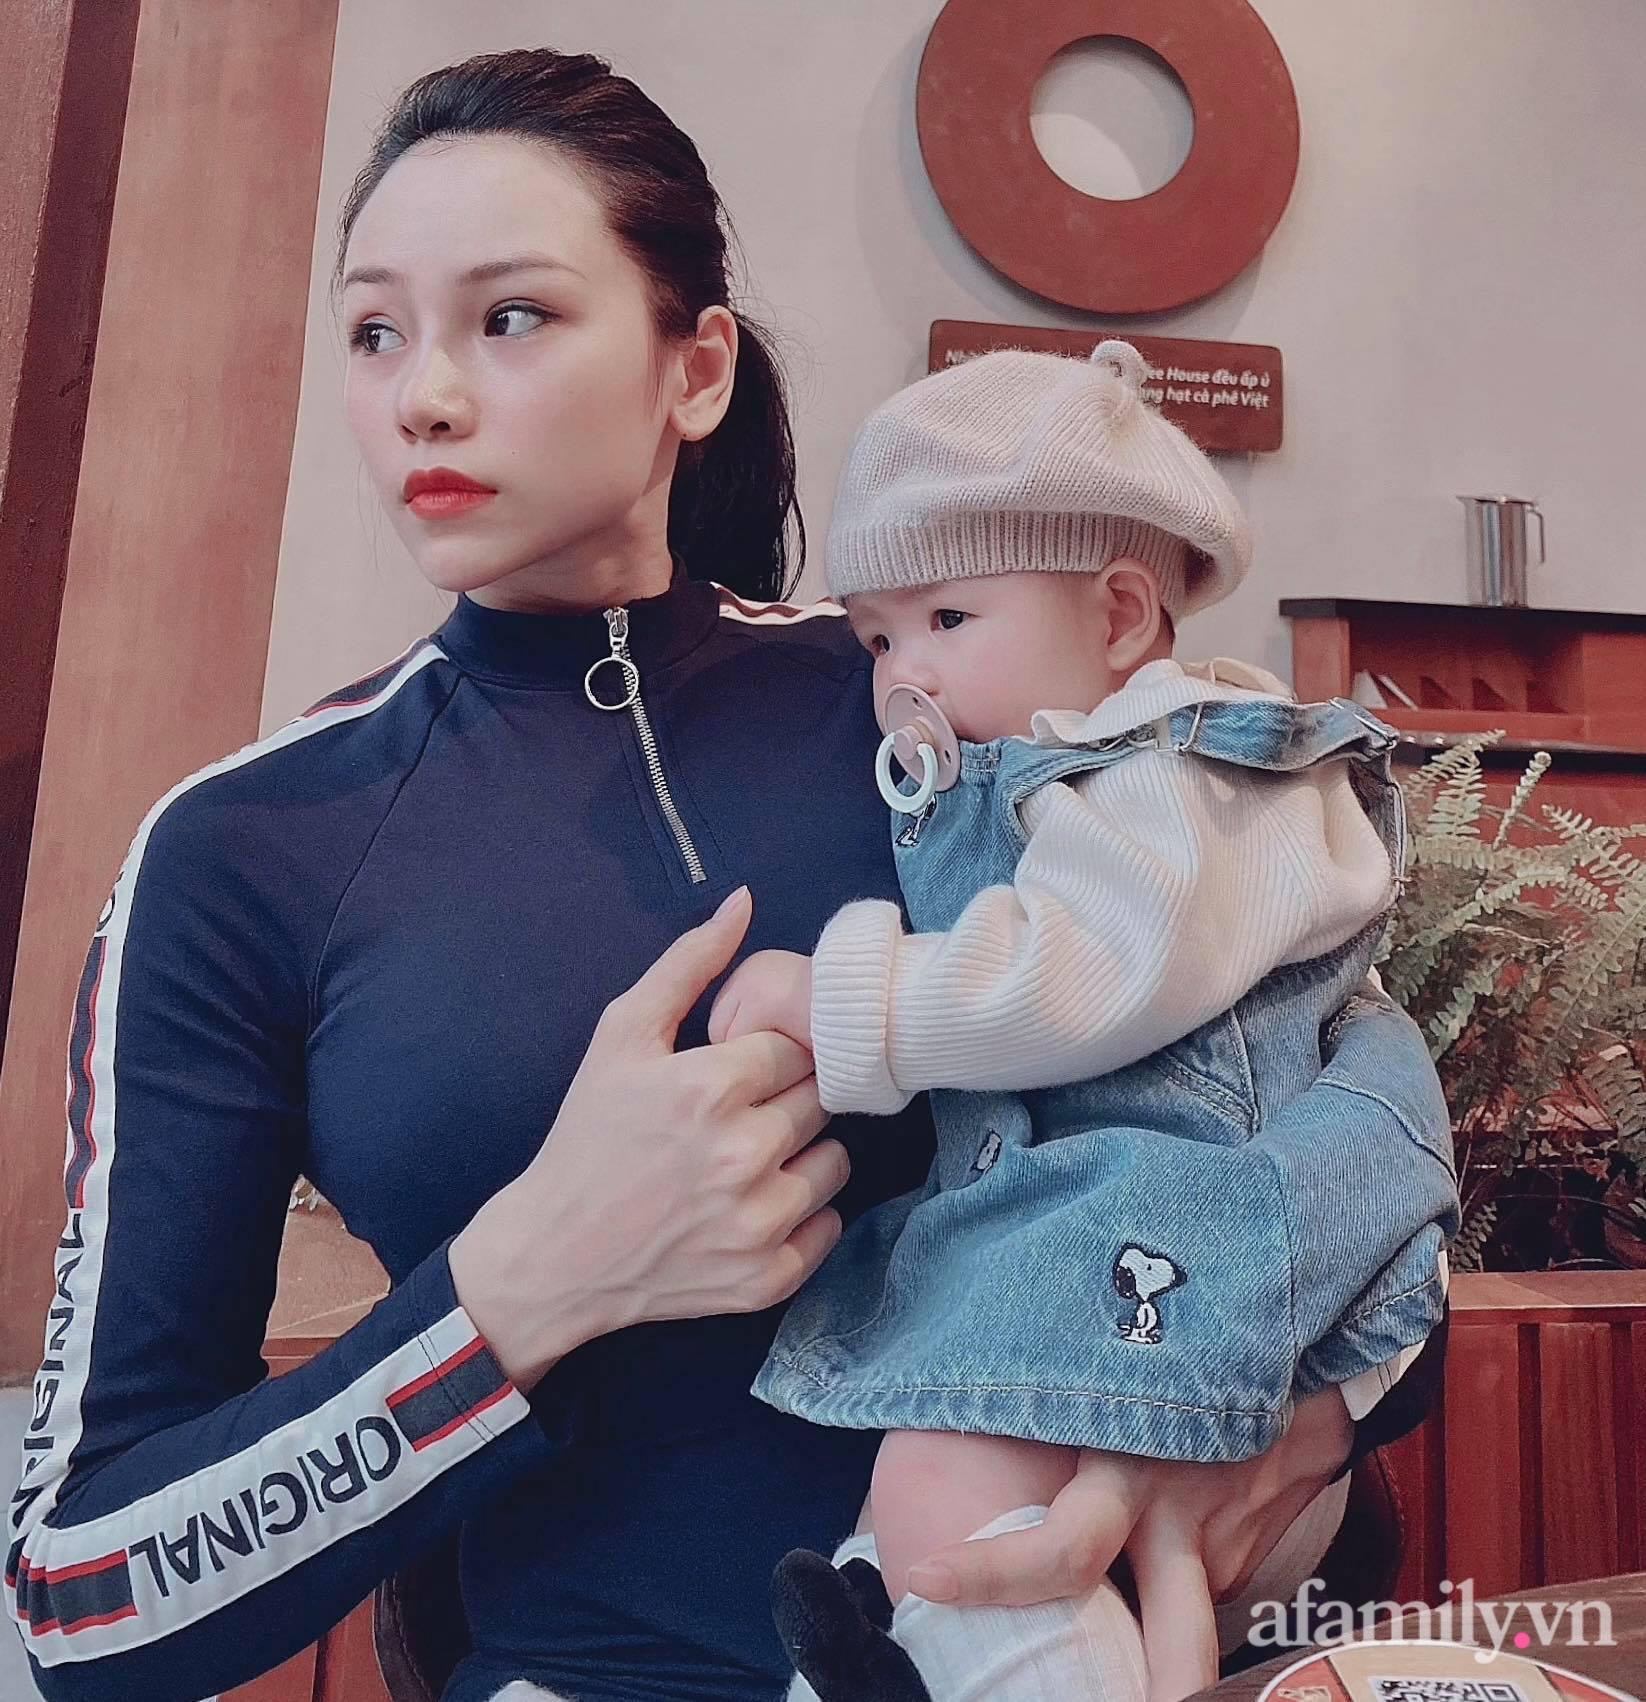 Mẹ 9x khoe cơ bụng đẹp nức nở dù mới sinh con 3 tháng, chỉ ra sai lầm của nhiều chị em khiến việc giảm cân sau sinh thất bại - Ảnh 4.